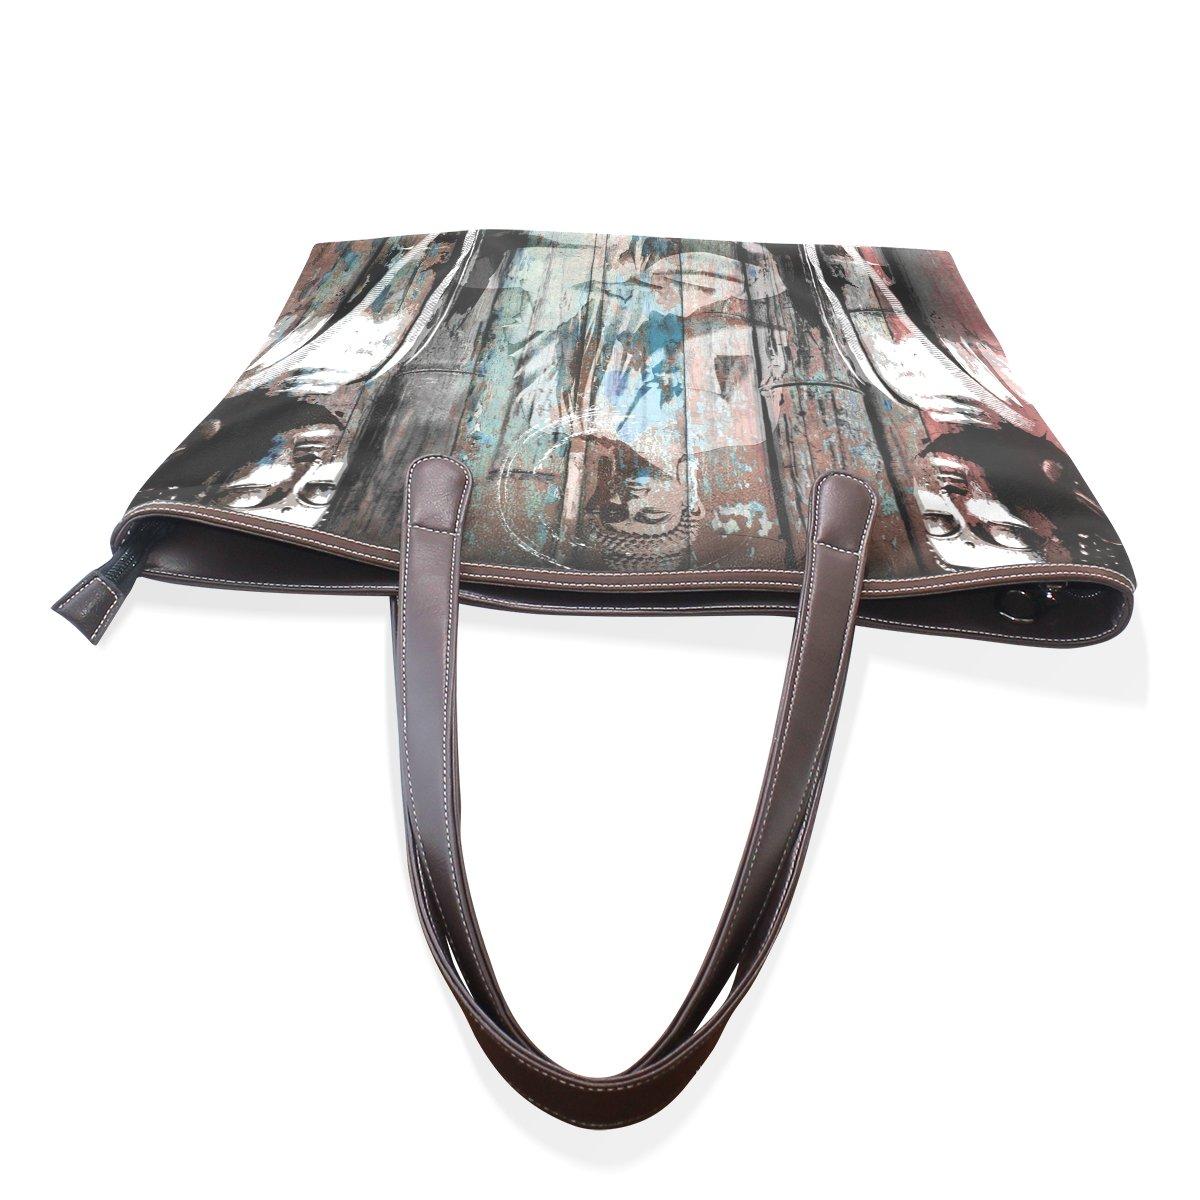 Mr.Weng Household Buddhist Zen Art Lady Handbag Tote Bag Zipper Shoulder Bag